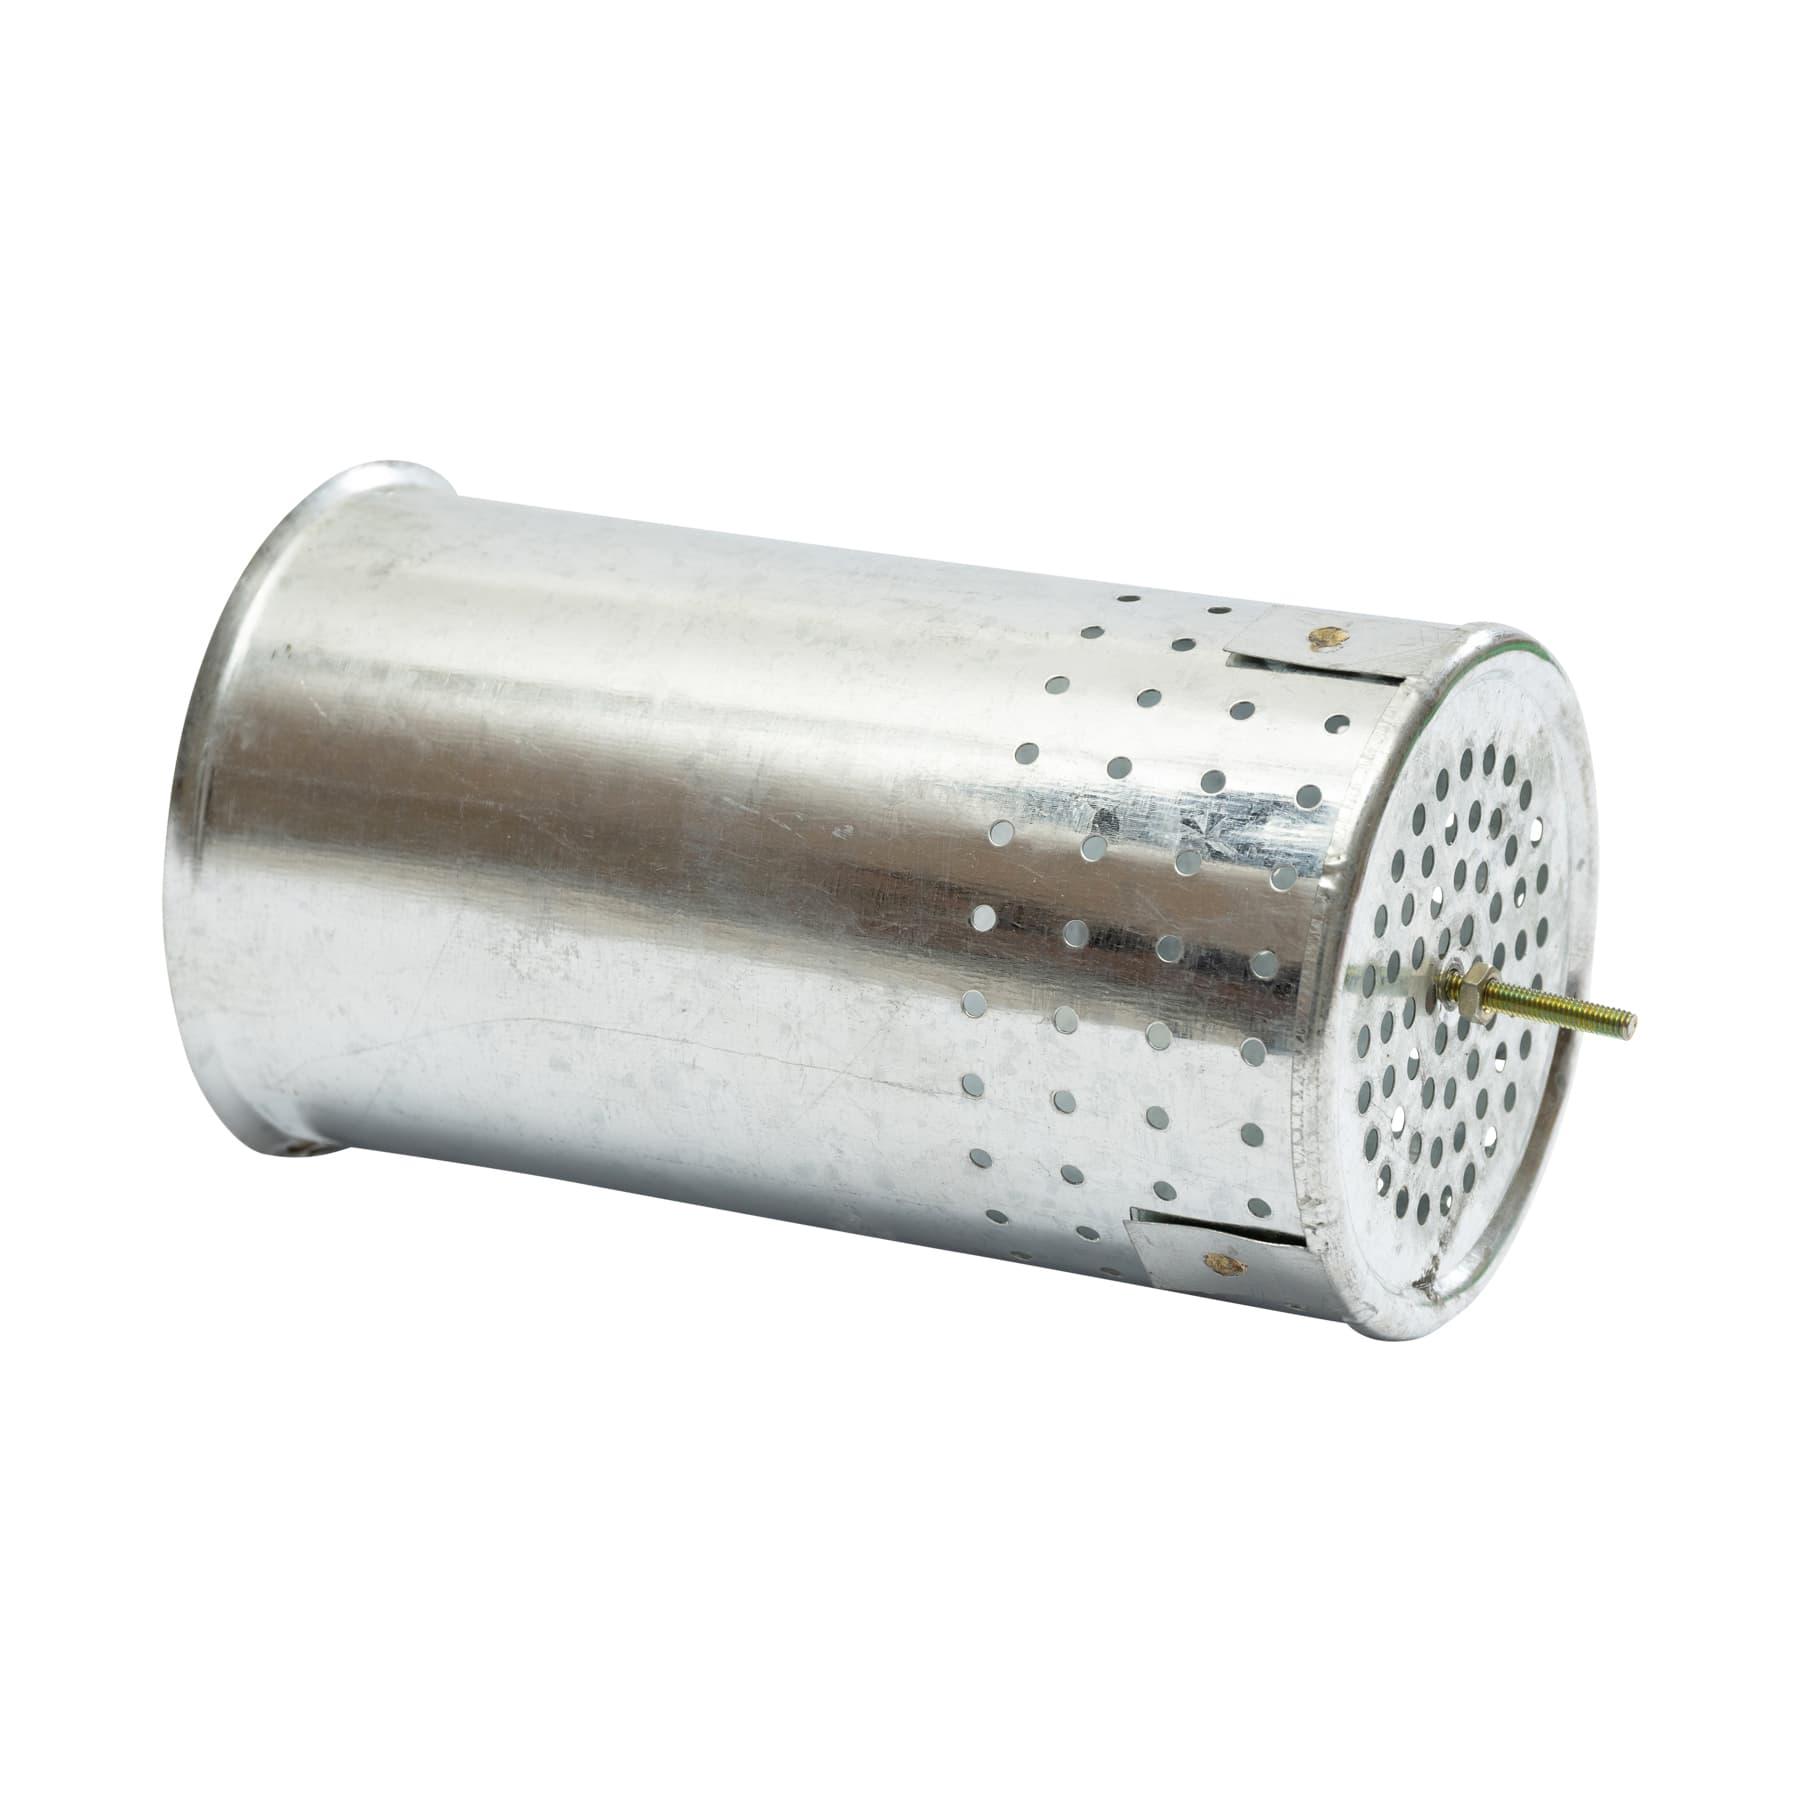 Innendose, gelocht, für Rauchbläser (Smoker) 10 cm Durchmesser als Ersatz